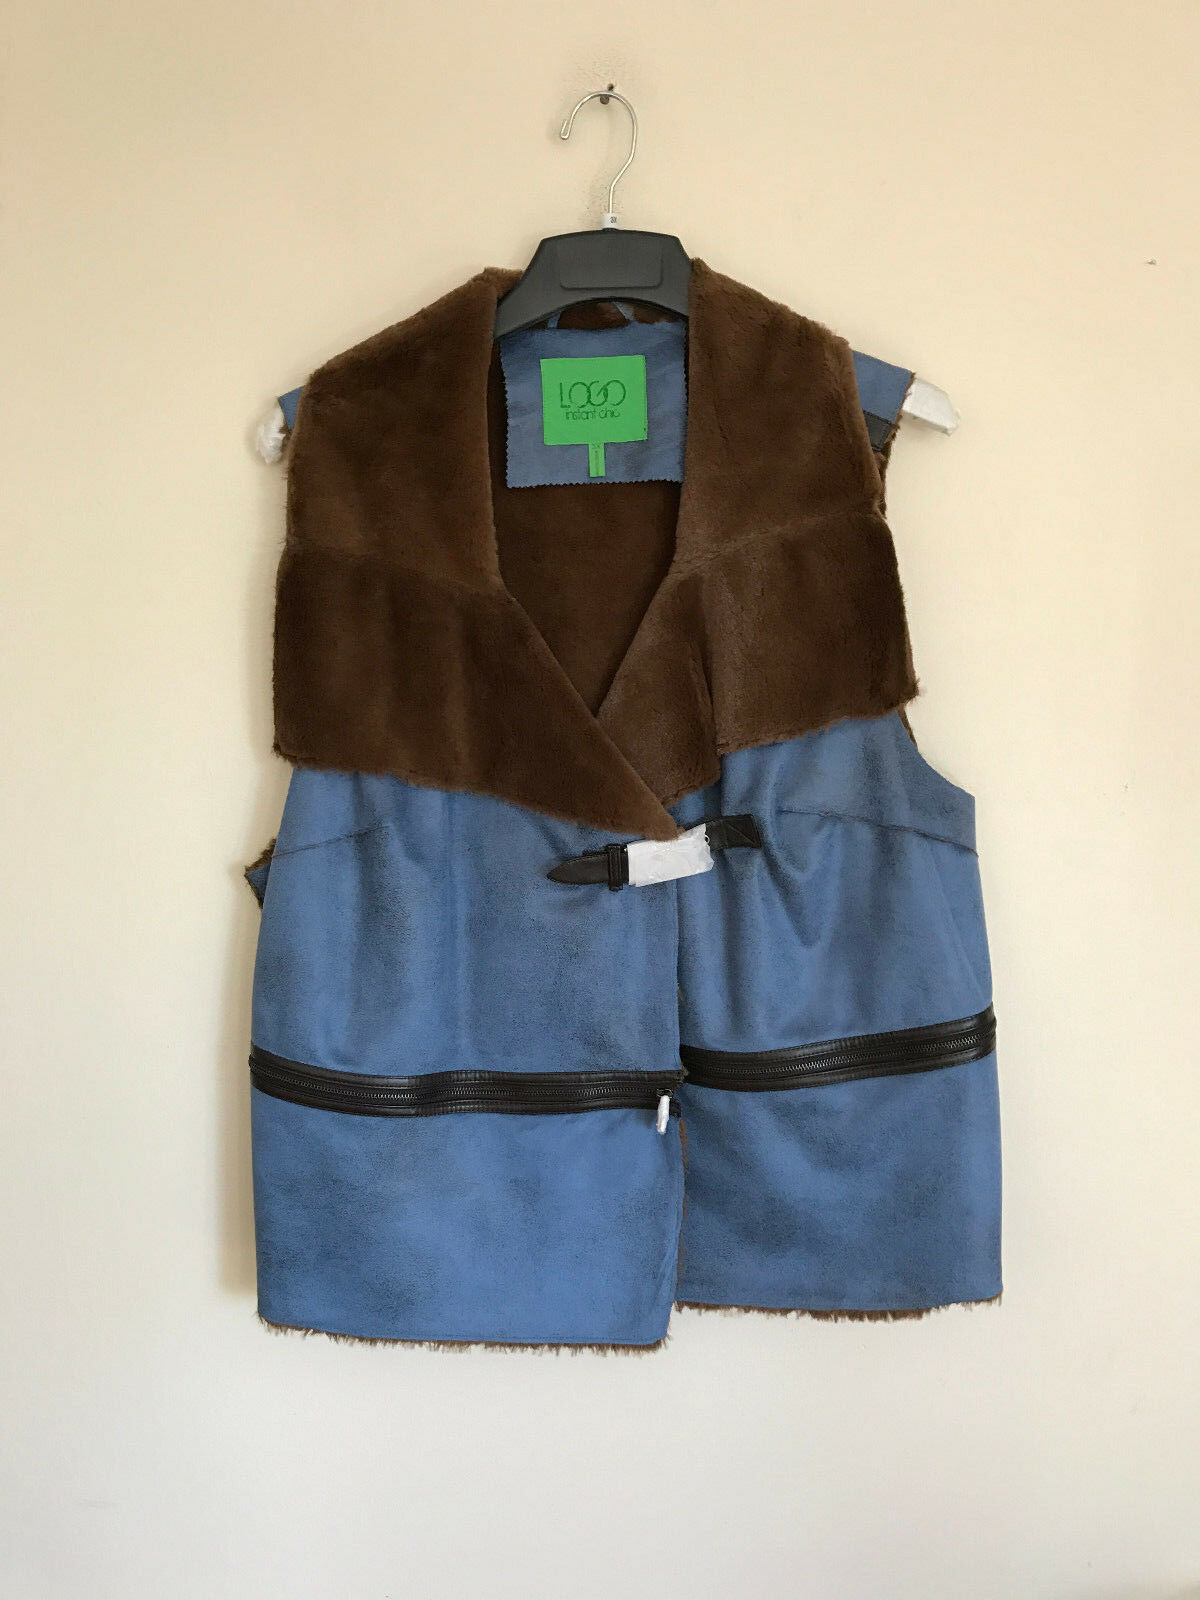 New LOGO Lori goldstein Faux Shearling Vest Zipper Detail bluee A220028  80% OFF